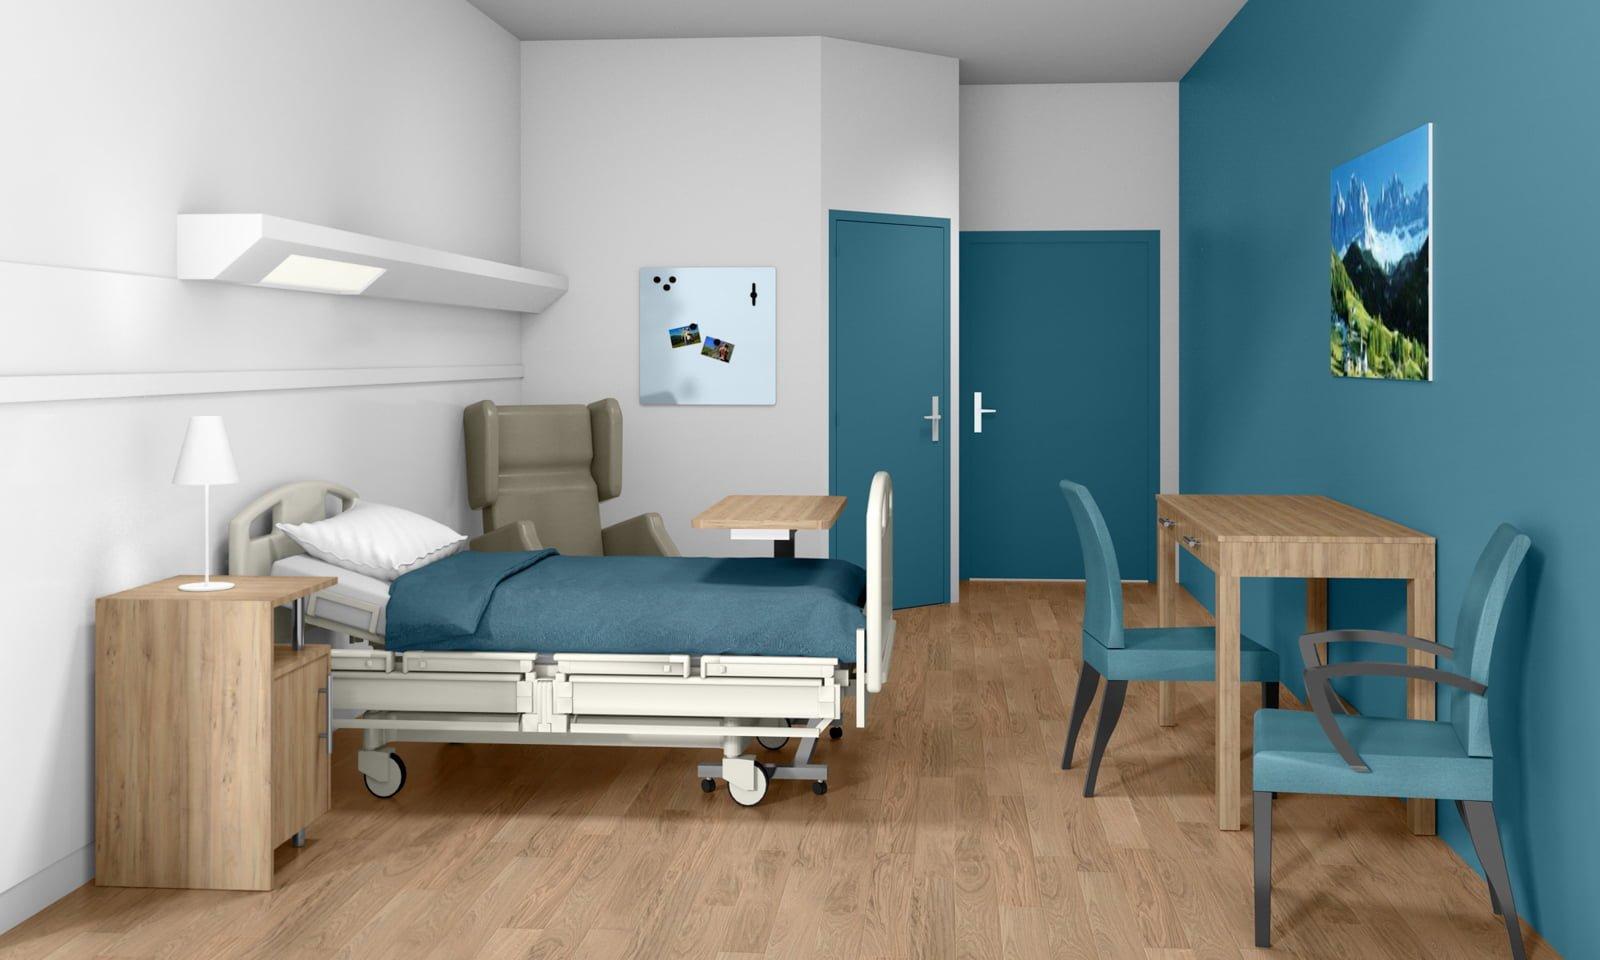 Décoration de chambre d'hôpital par Fabienne Boé de Pirey, Archictecte d'intérieur UFDI à Paris 75 : simulation 3D